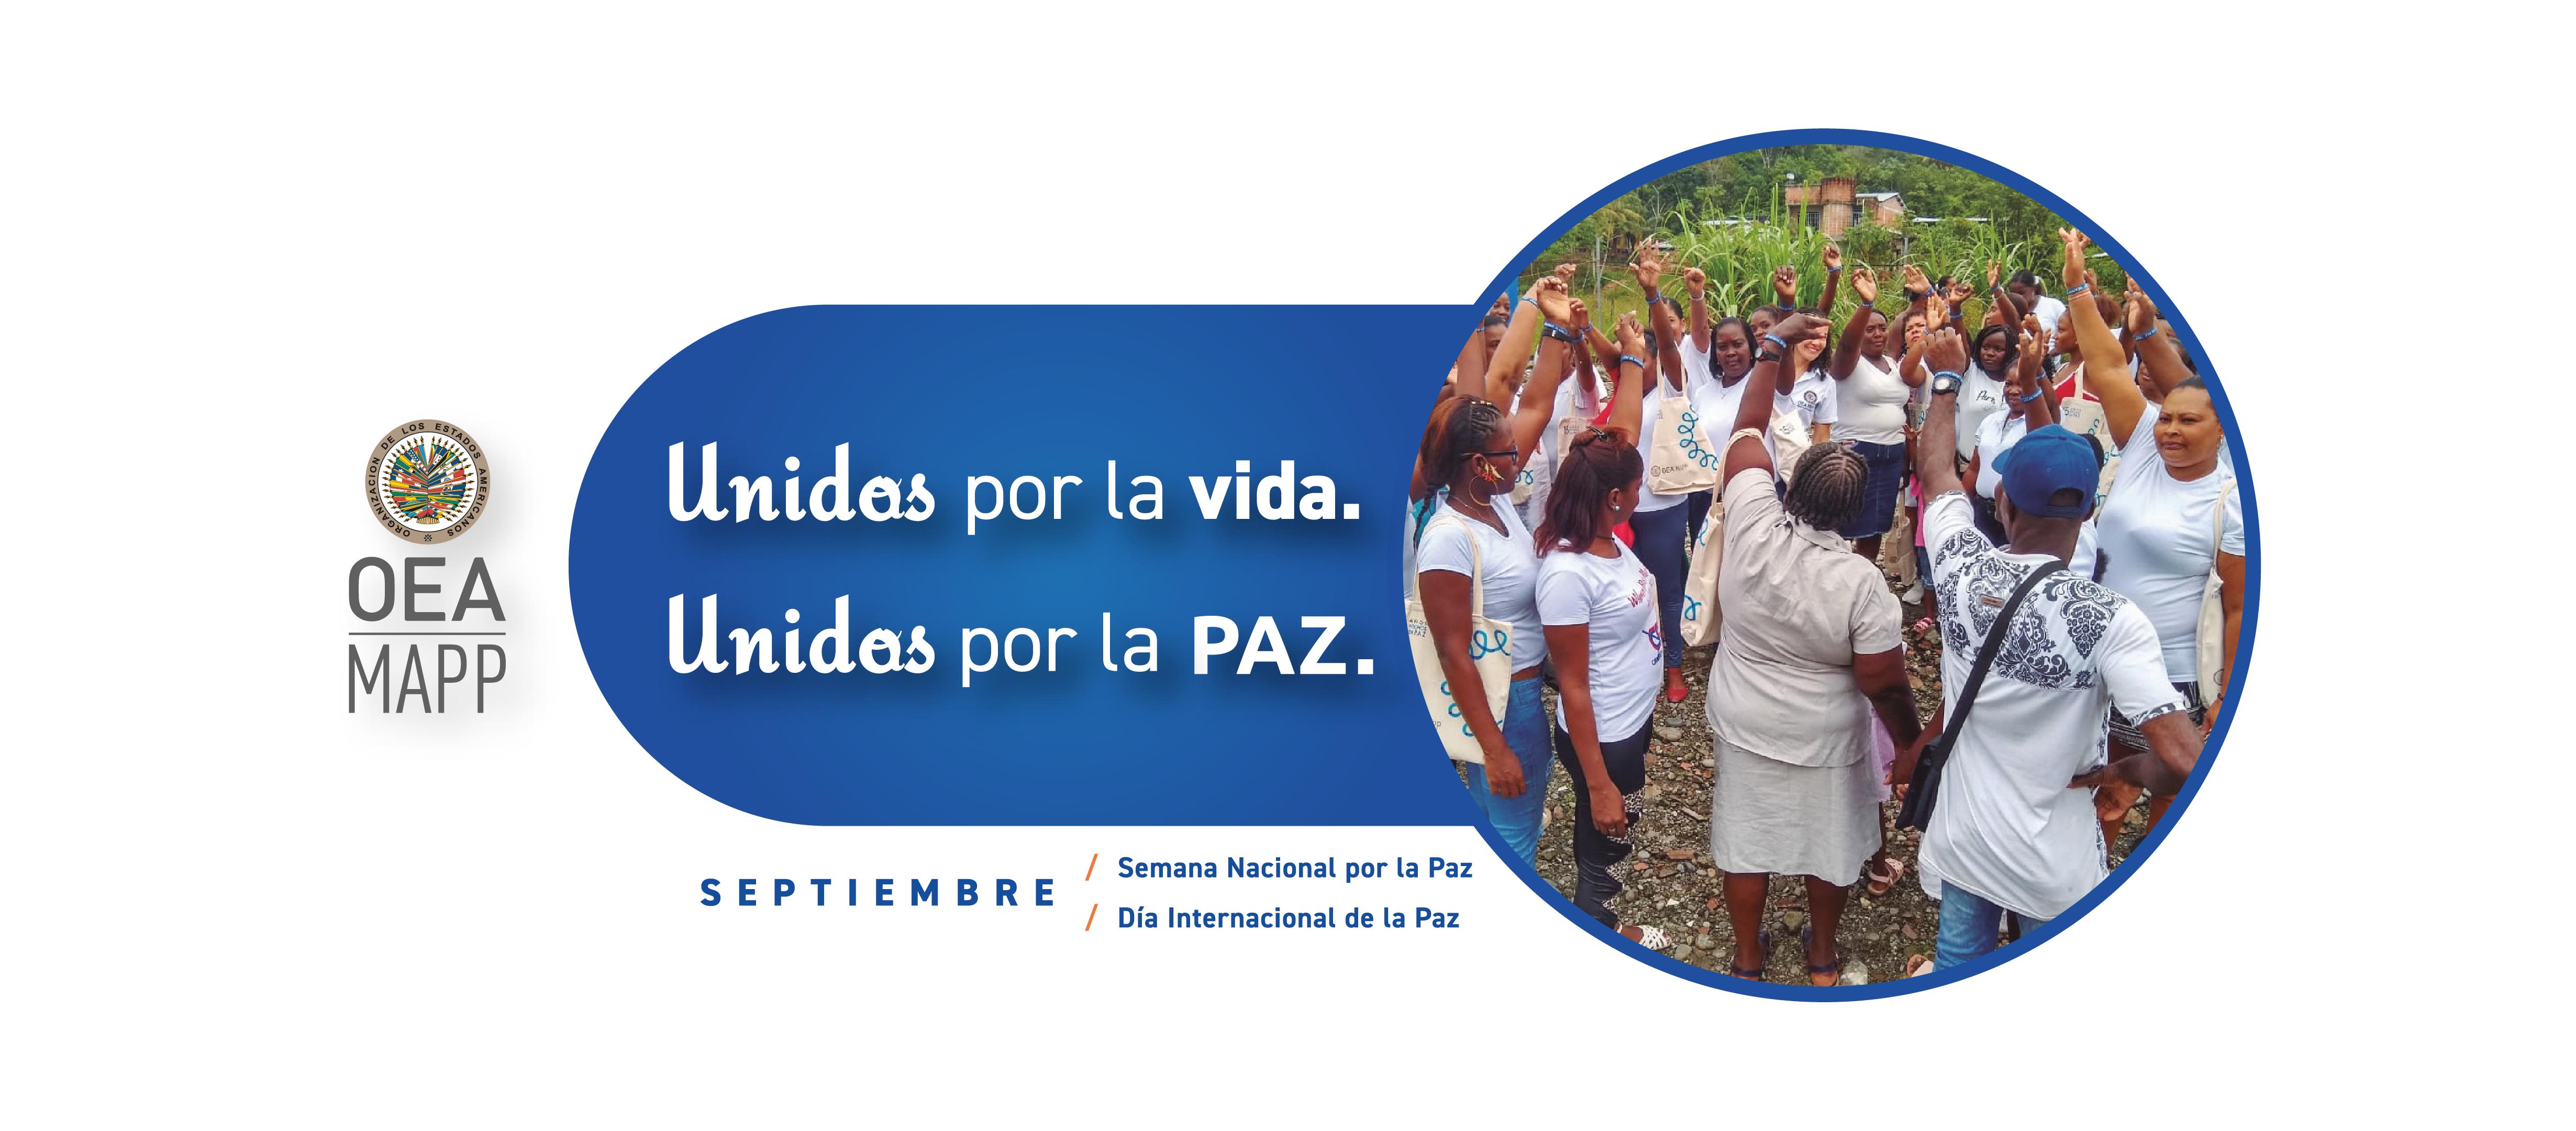 Hoy reafirmamos nuestra solidaridad, apoyo y compromiso total con Colombia, con sus comunidades y con sus instituciones. Cuenten con NOSOTROS y NOSOTRAS, cuenten con la MAPP/OEA.